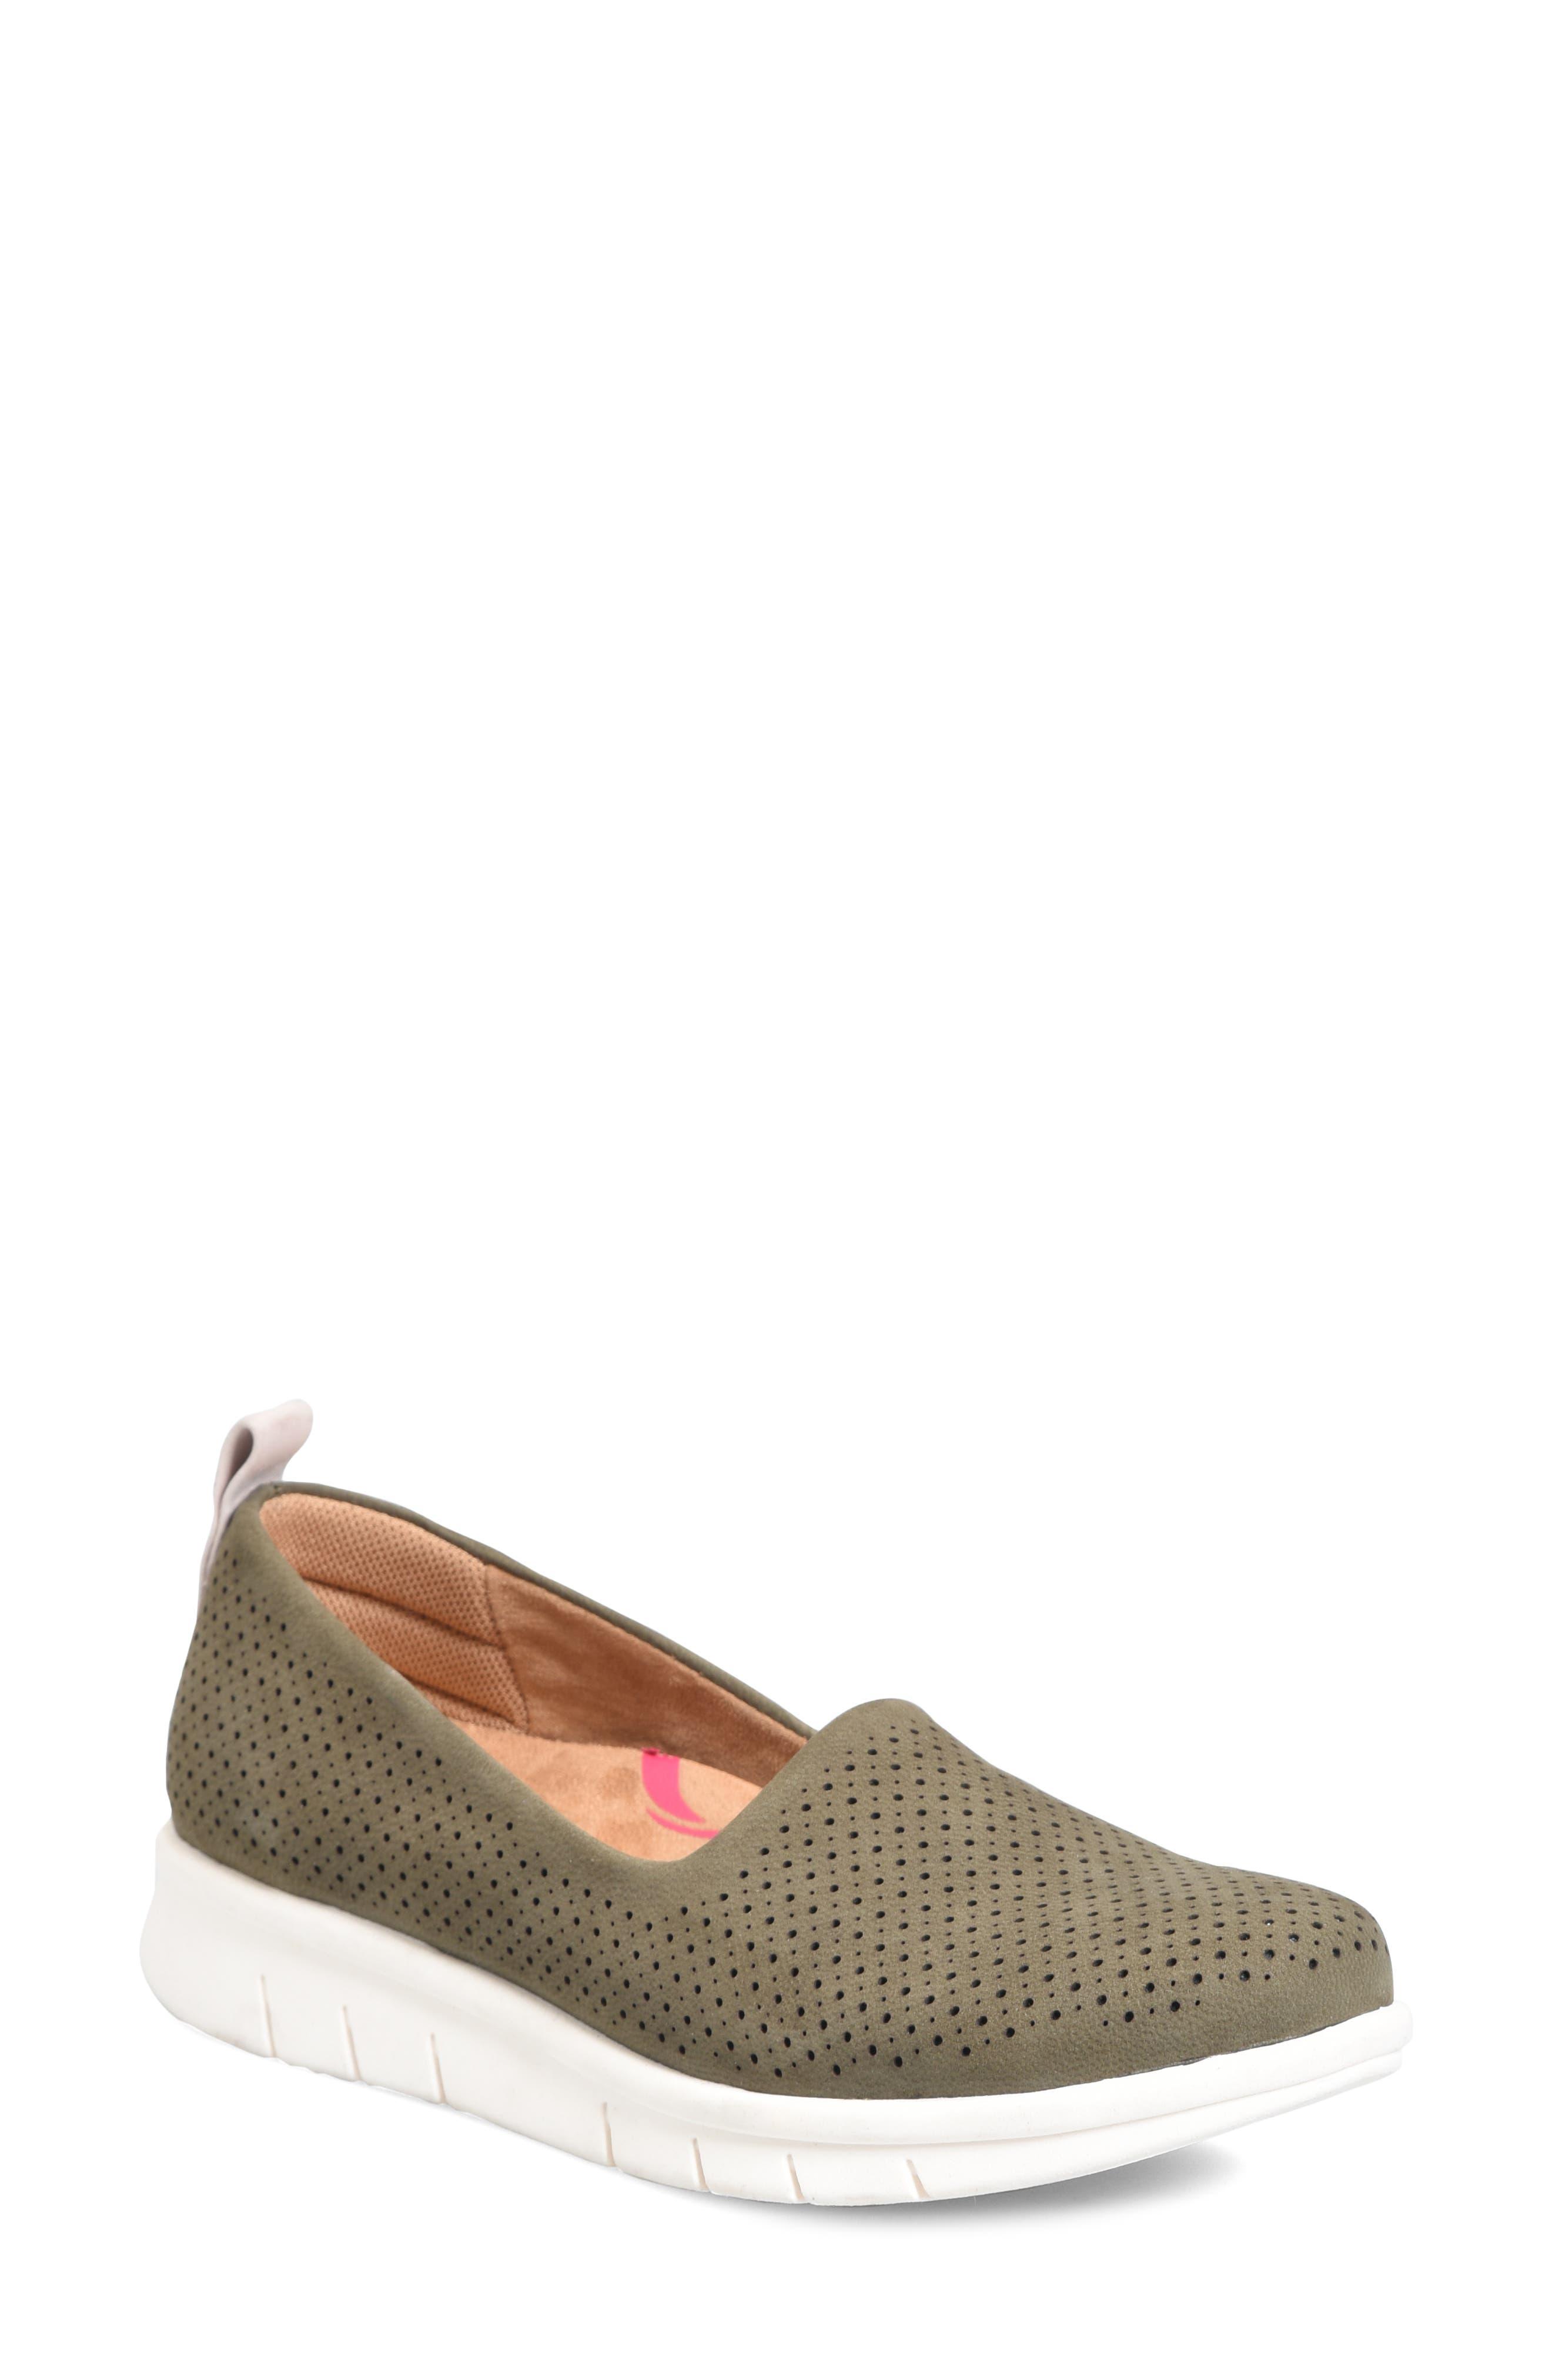 Cherrie Slip-On Deck Shoe